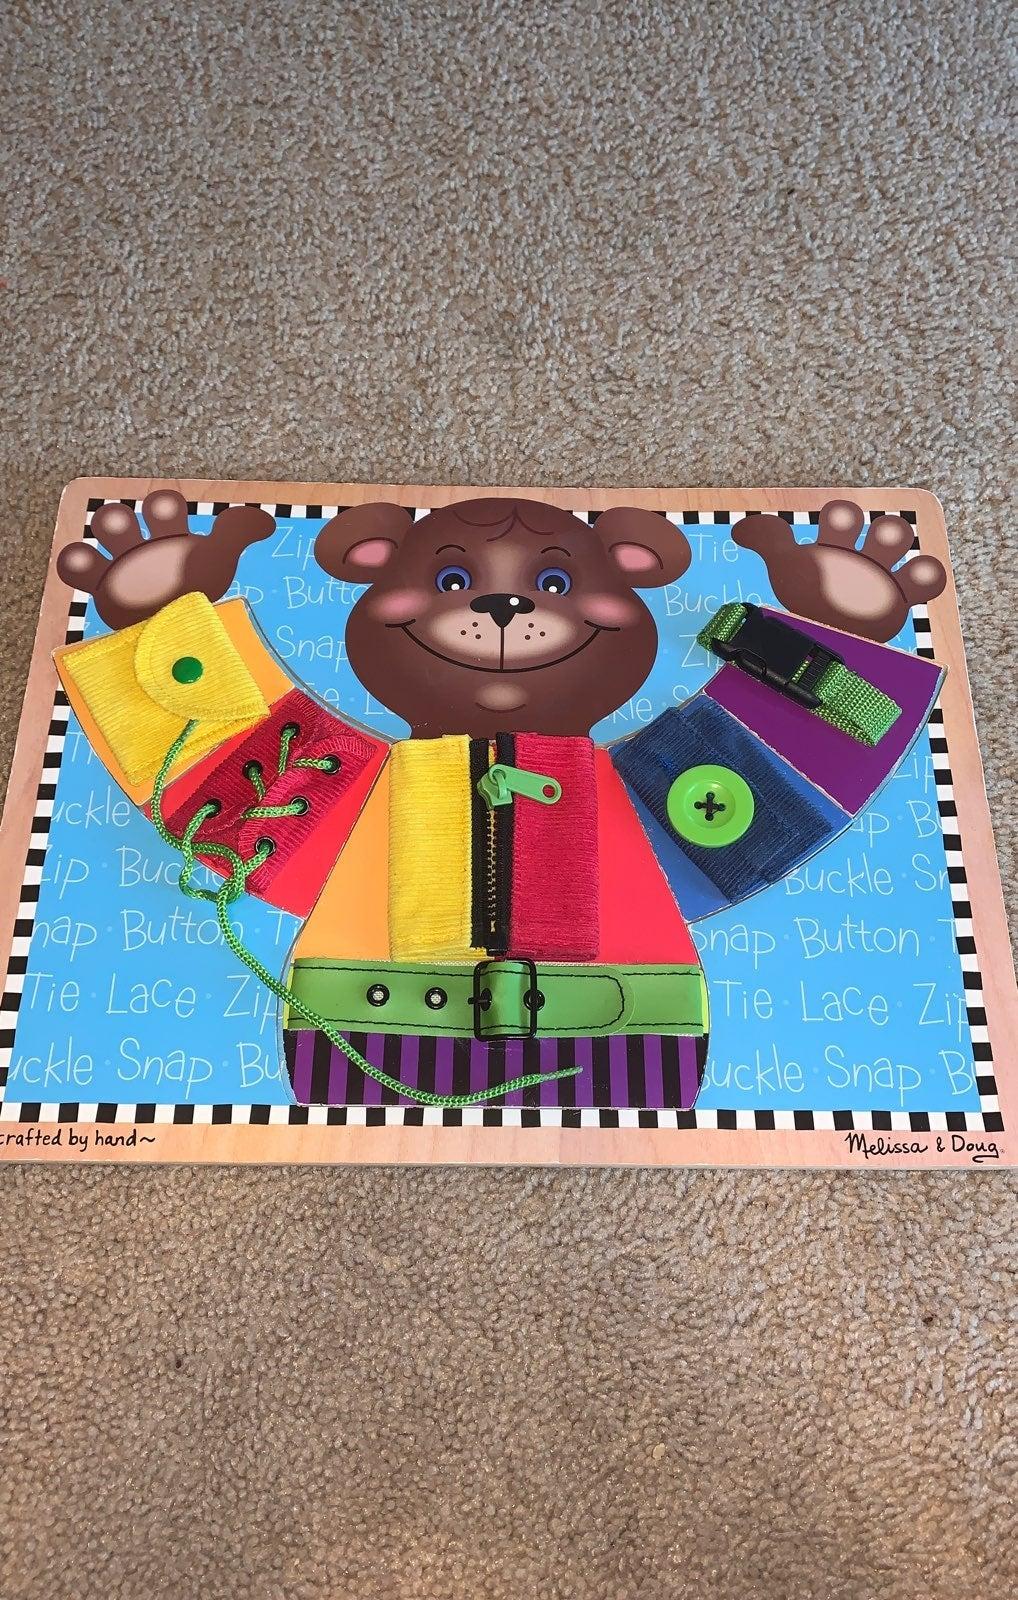 Melissa and Doug basic skills puzzle